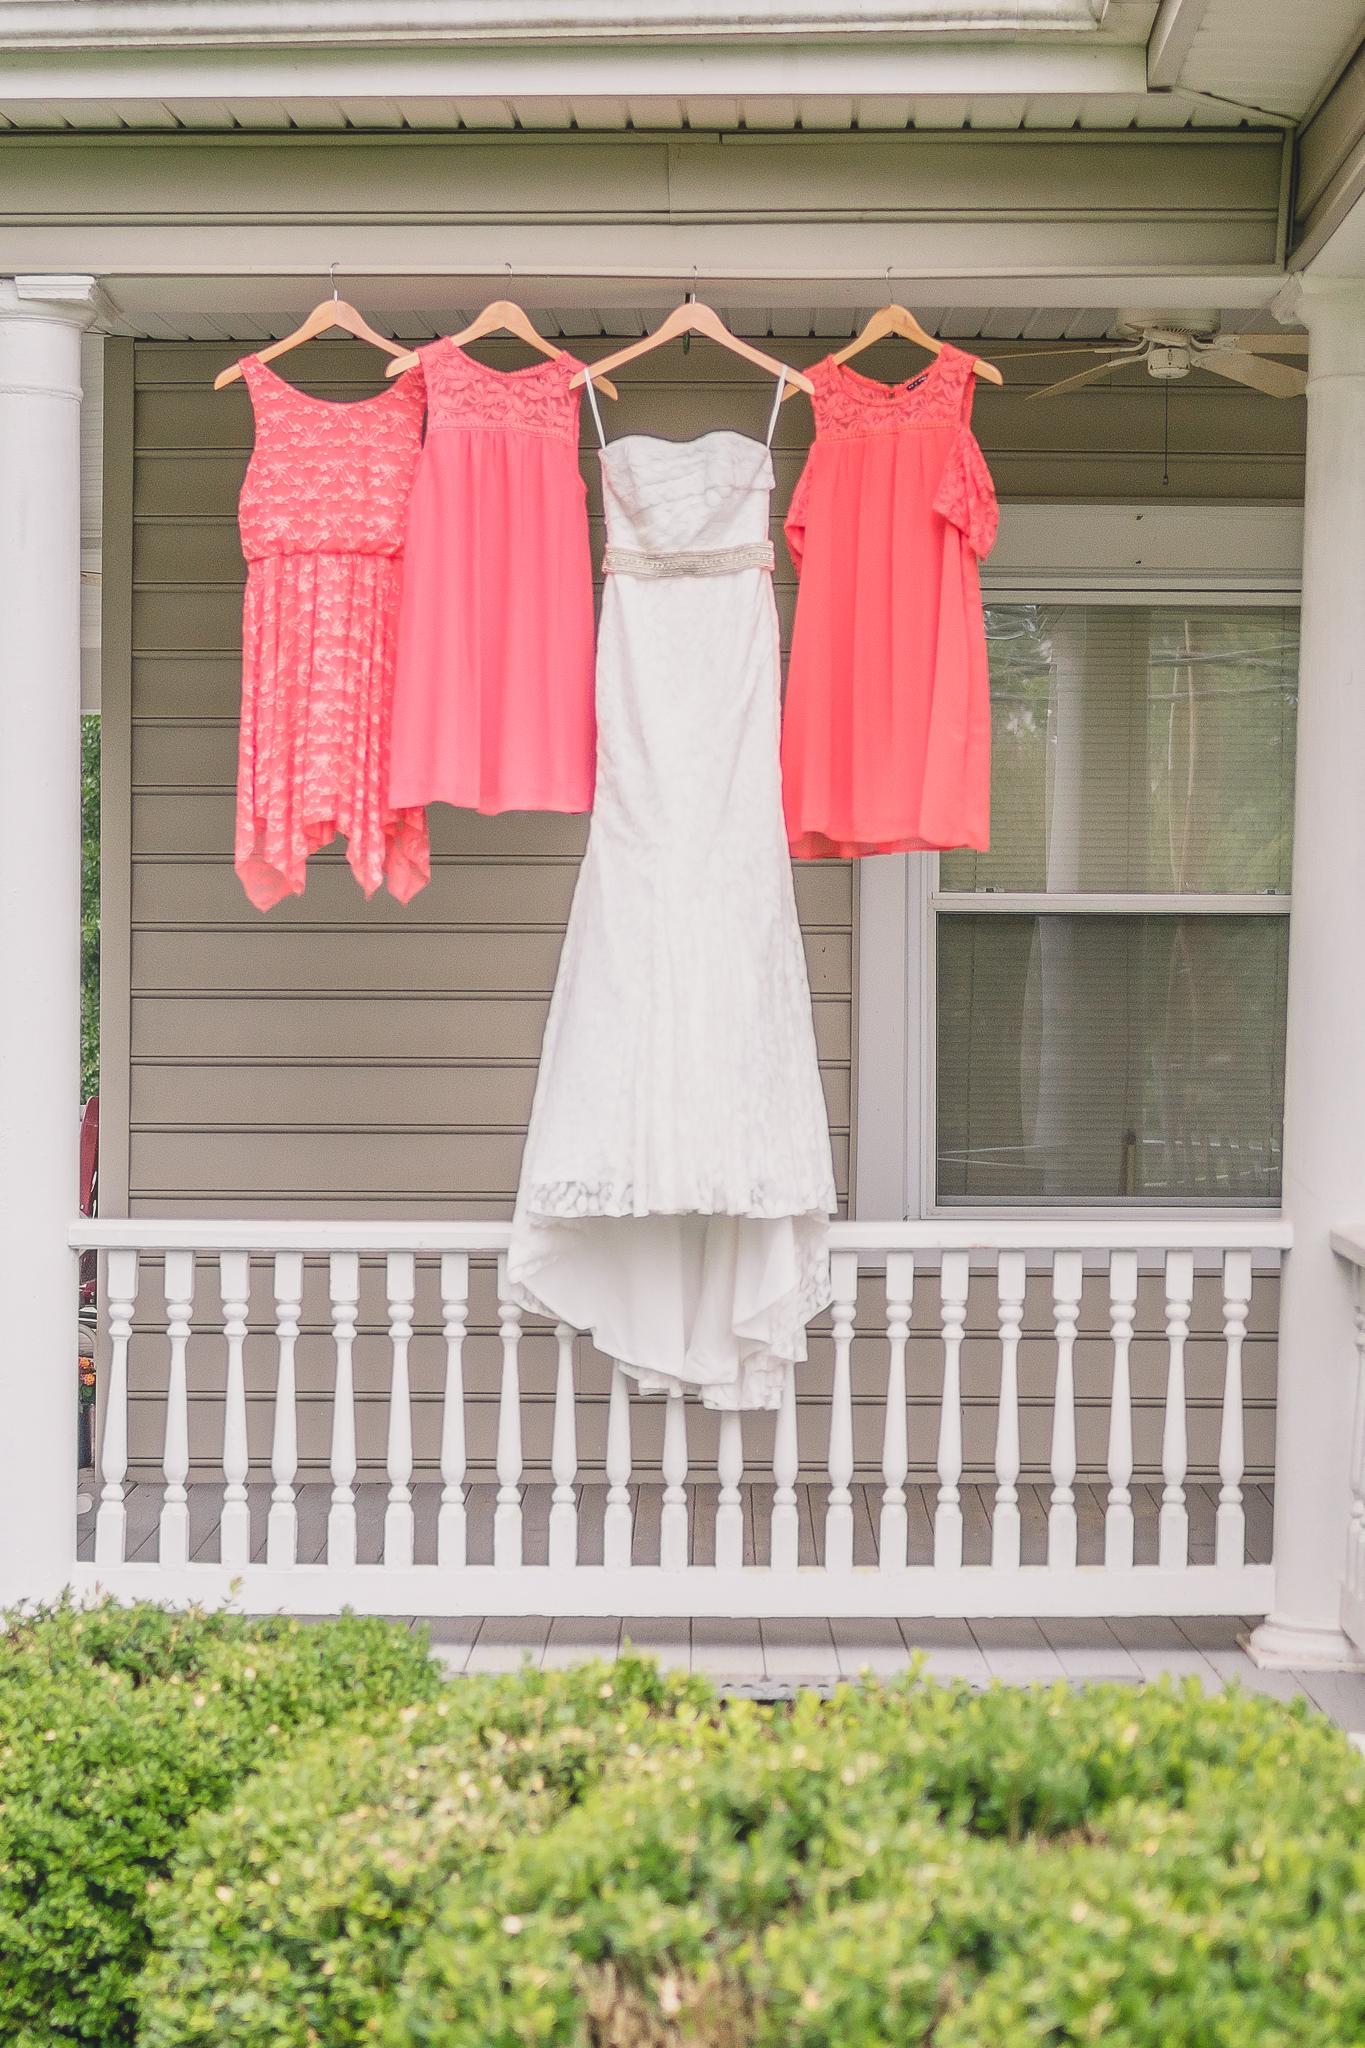 Gretna-Virginia-wedding-getting-ready-2.jpg